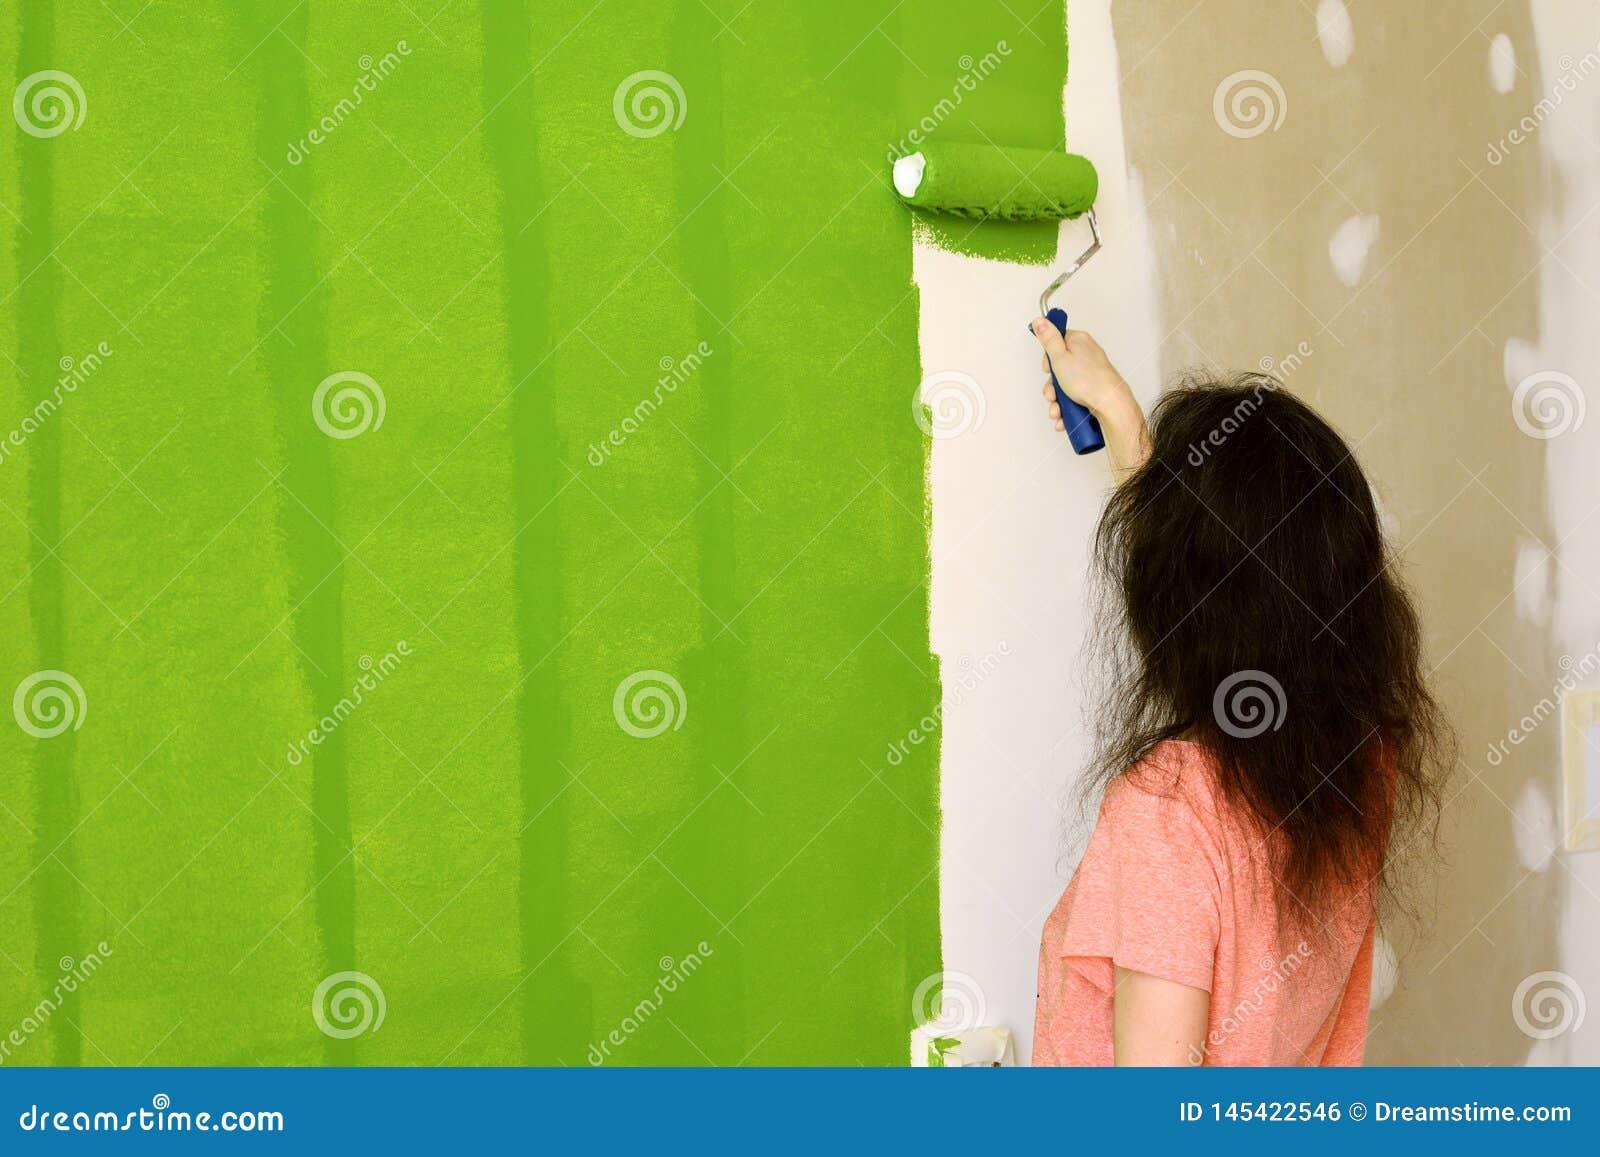 Ładna młoda kobieta w różowej koszulce entuzjastycznie maluje zieloną wewnętrzną ścianę z rolownikiem w nowym domu